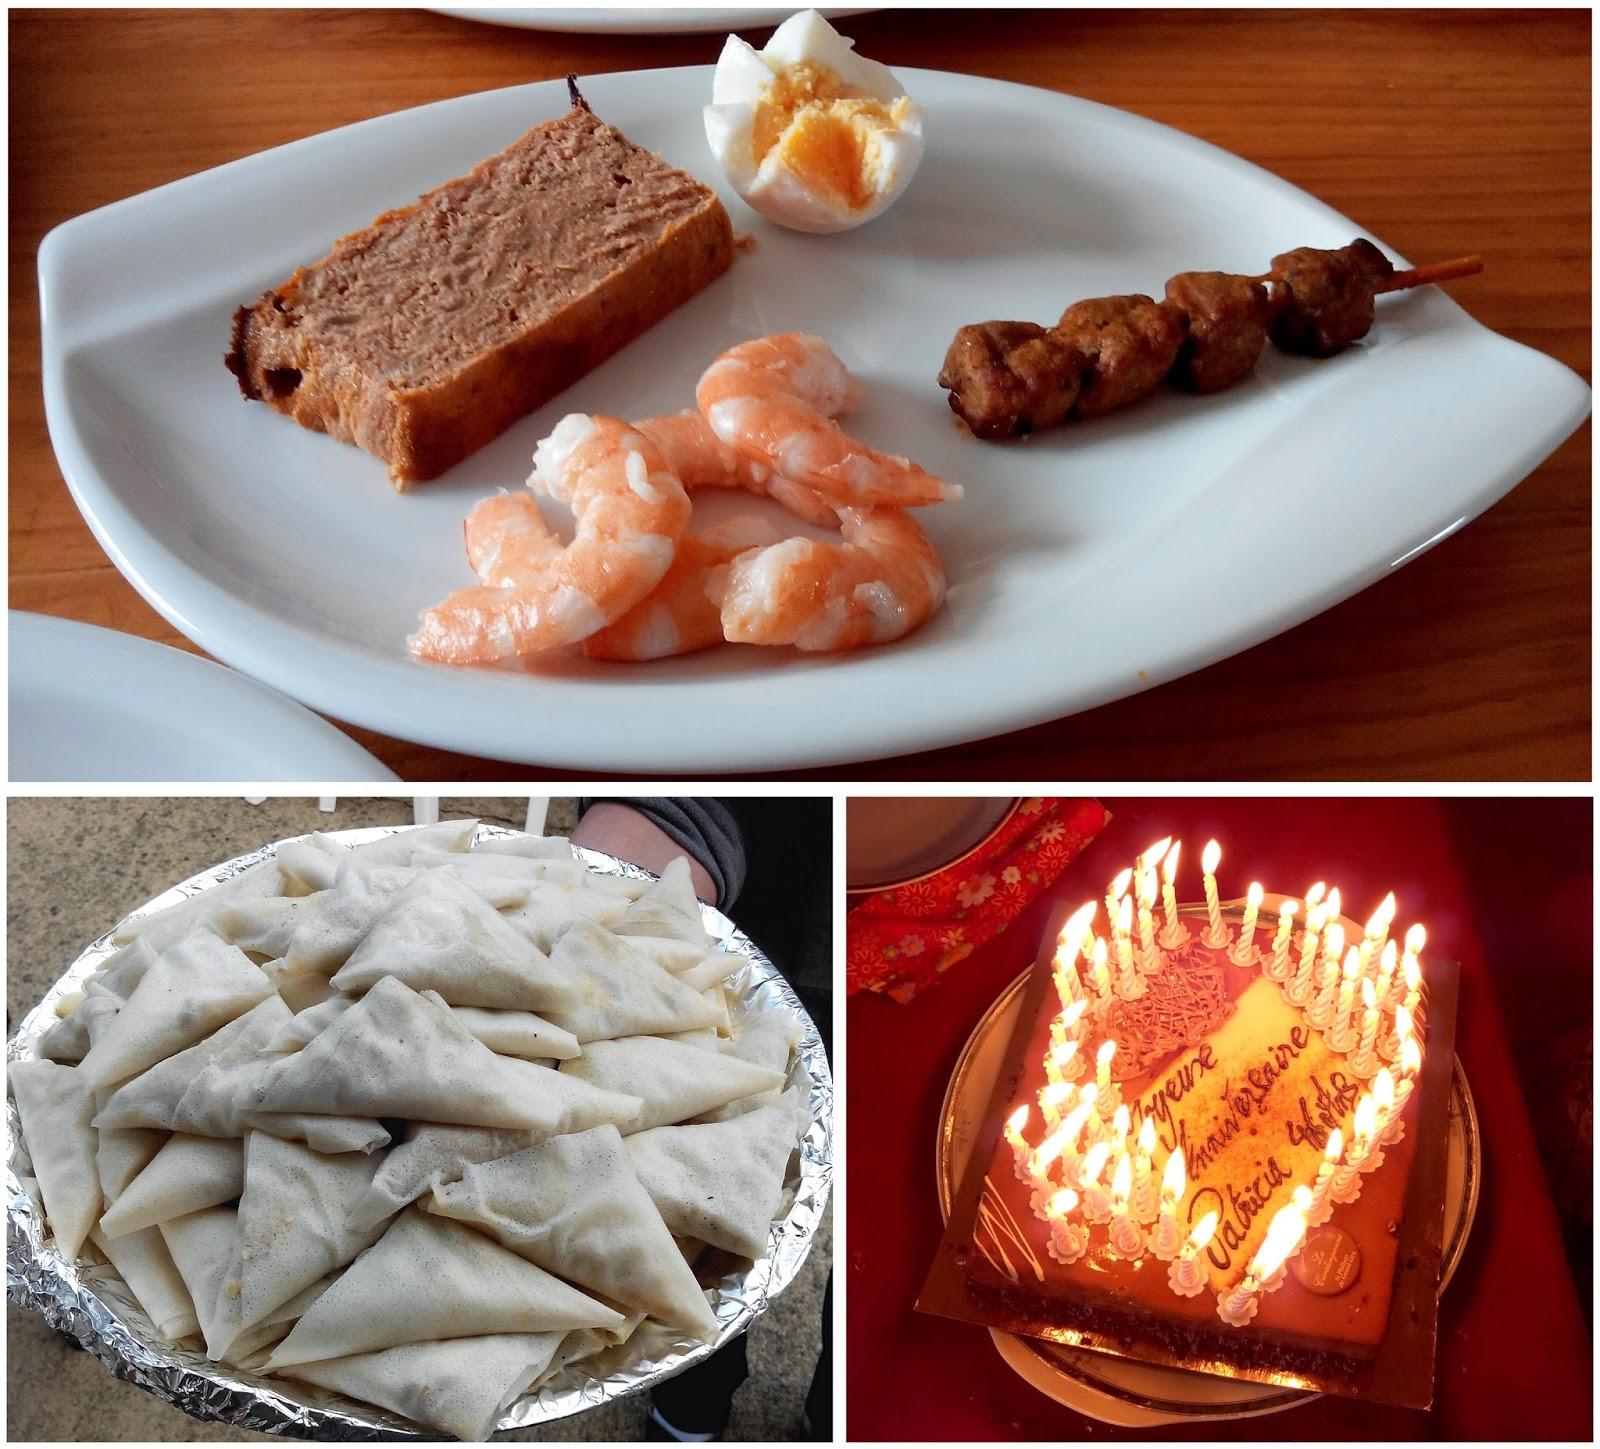 pain de thon, oeuf, crevettes, samossas, gâteau, anniversaire, bullelodie